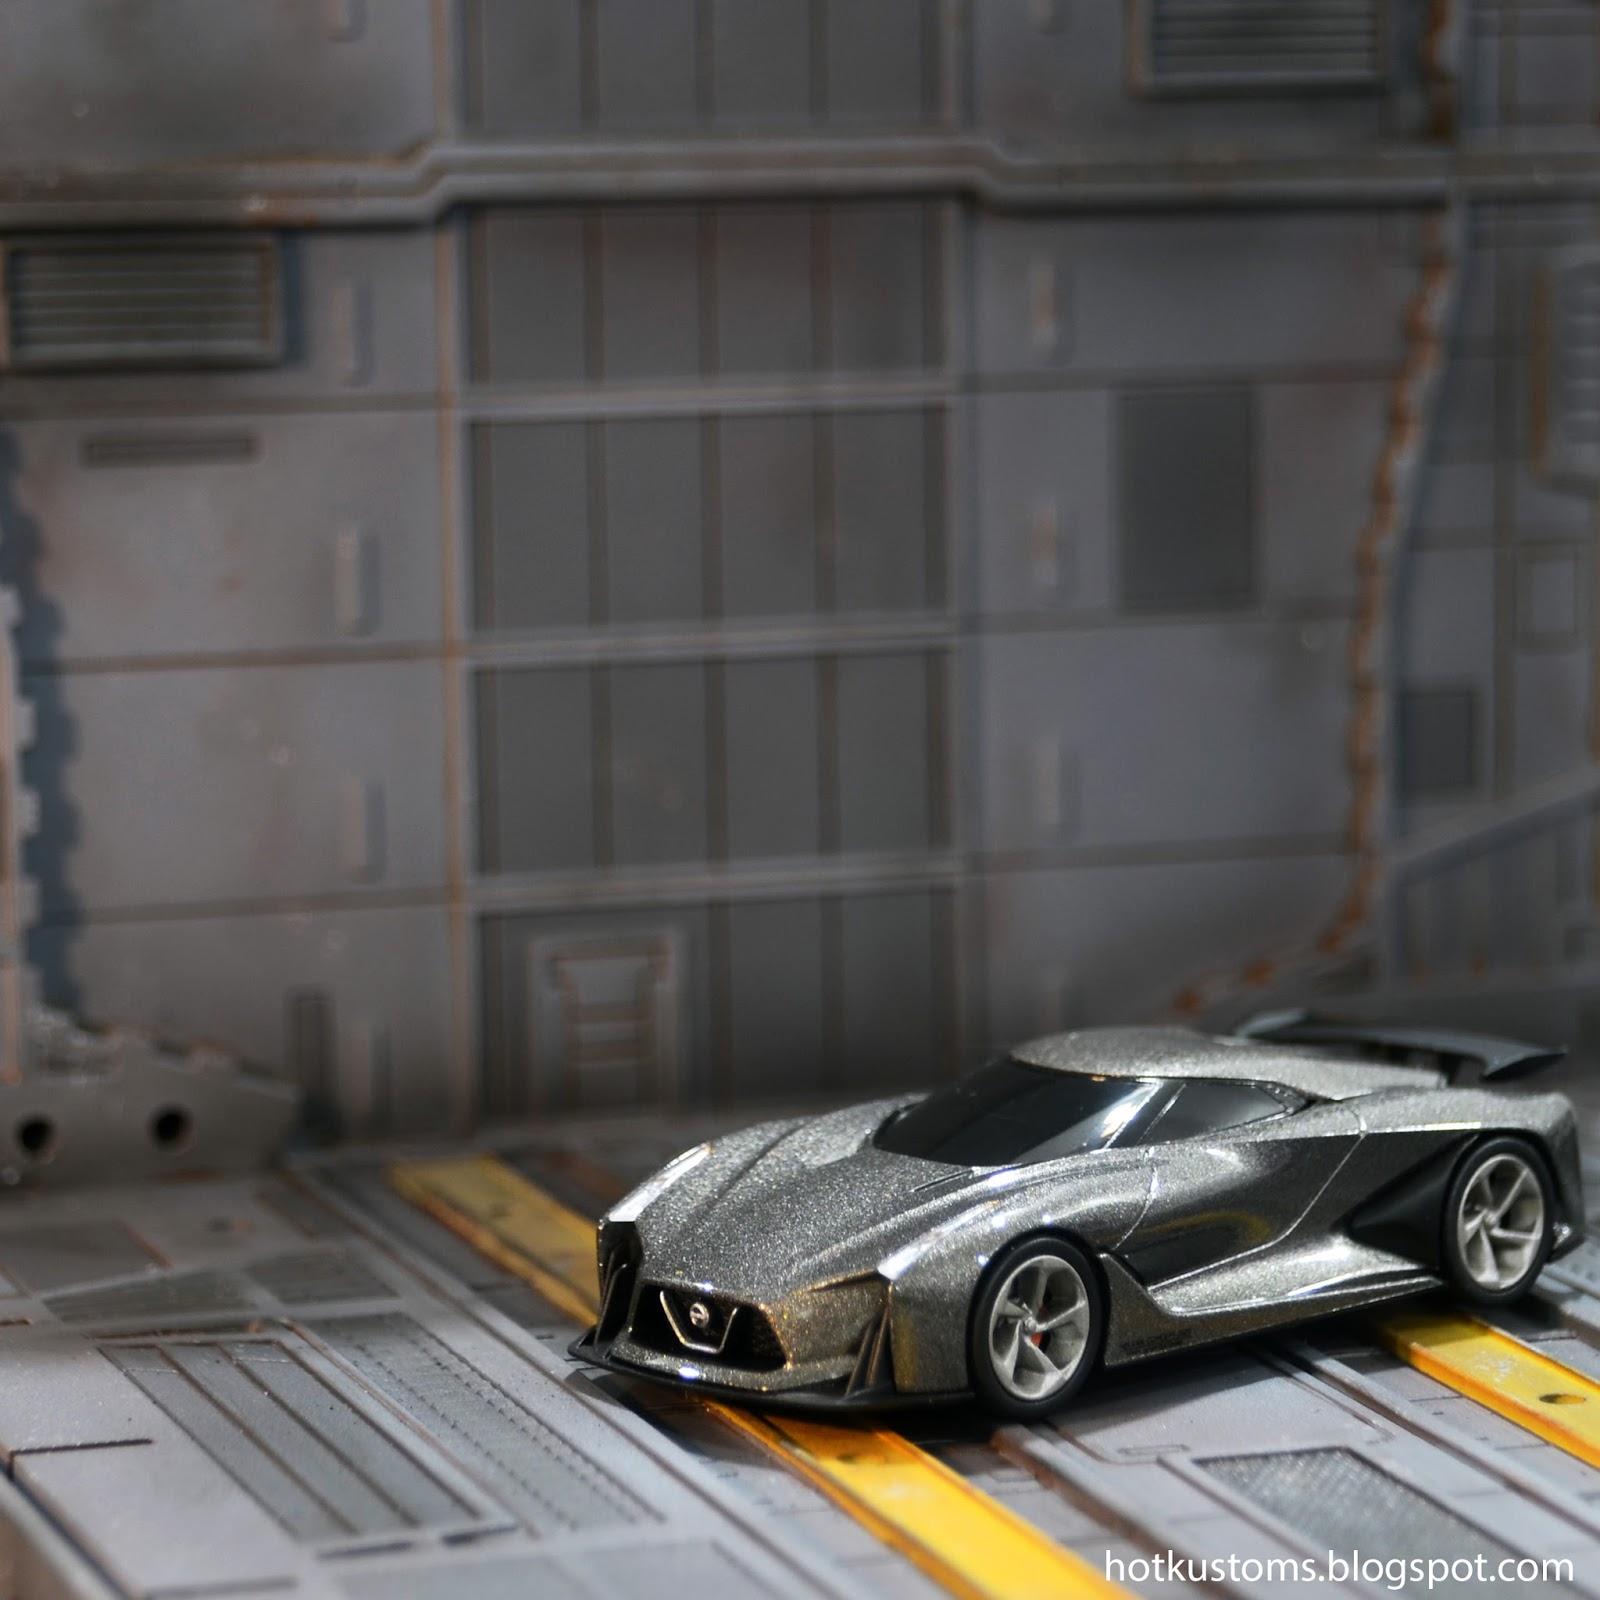 Hot Kustoms Mini Cars: TLV Nissan concept 2020 Vision Gran ...